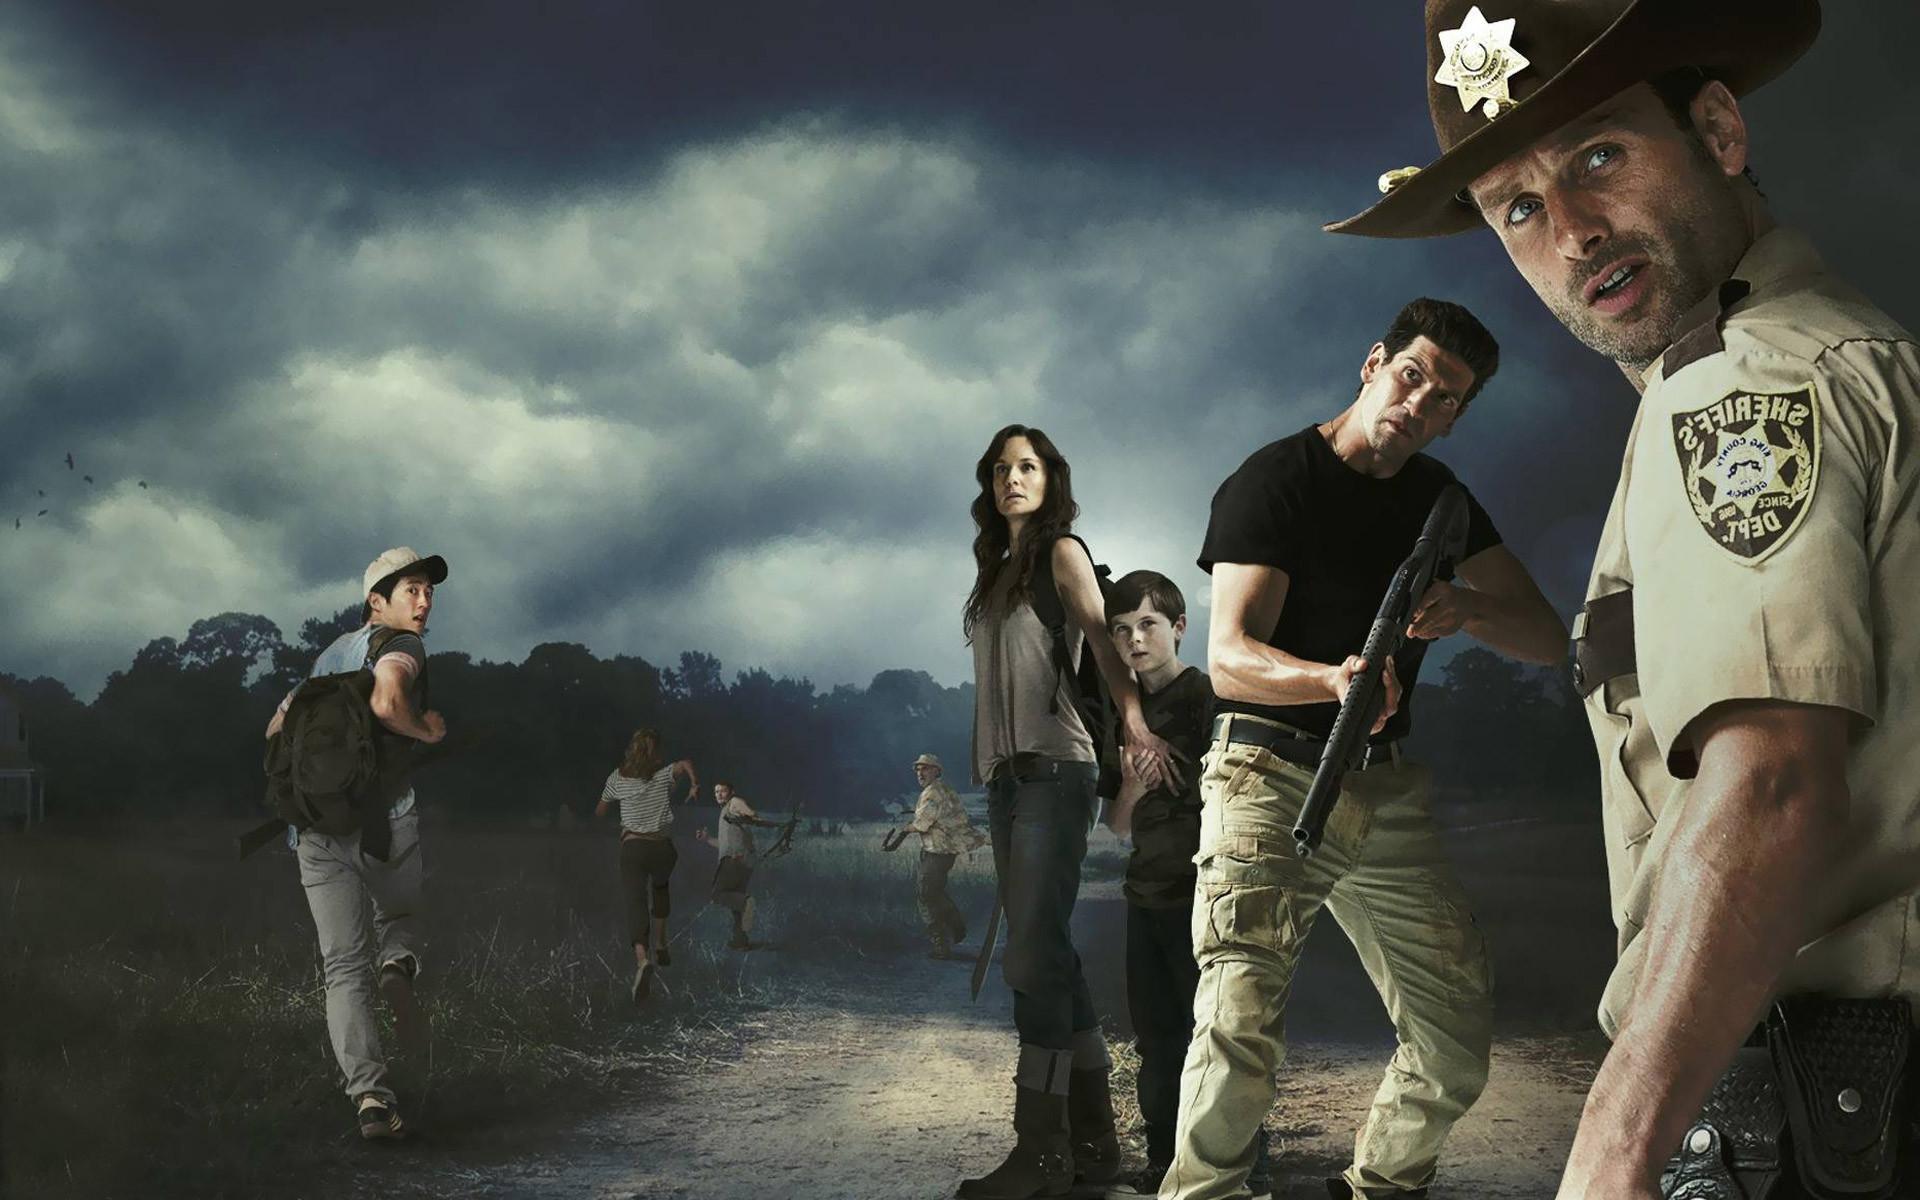 Download Walking Dead Wallpaper Rick Grimes